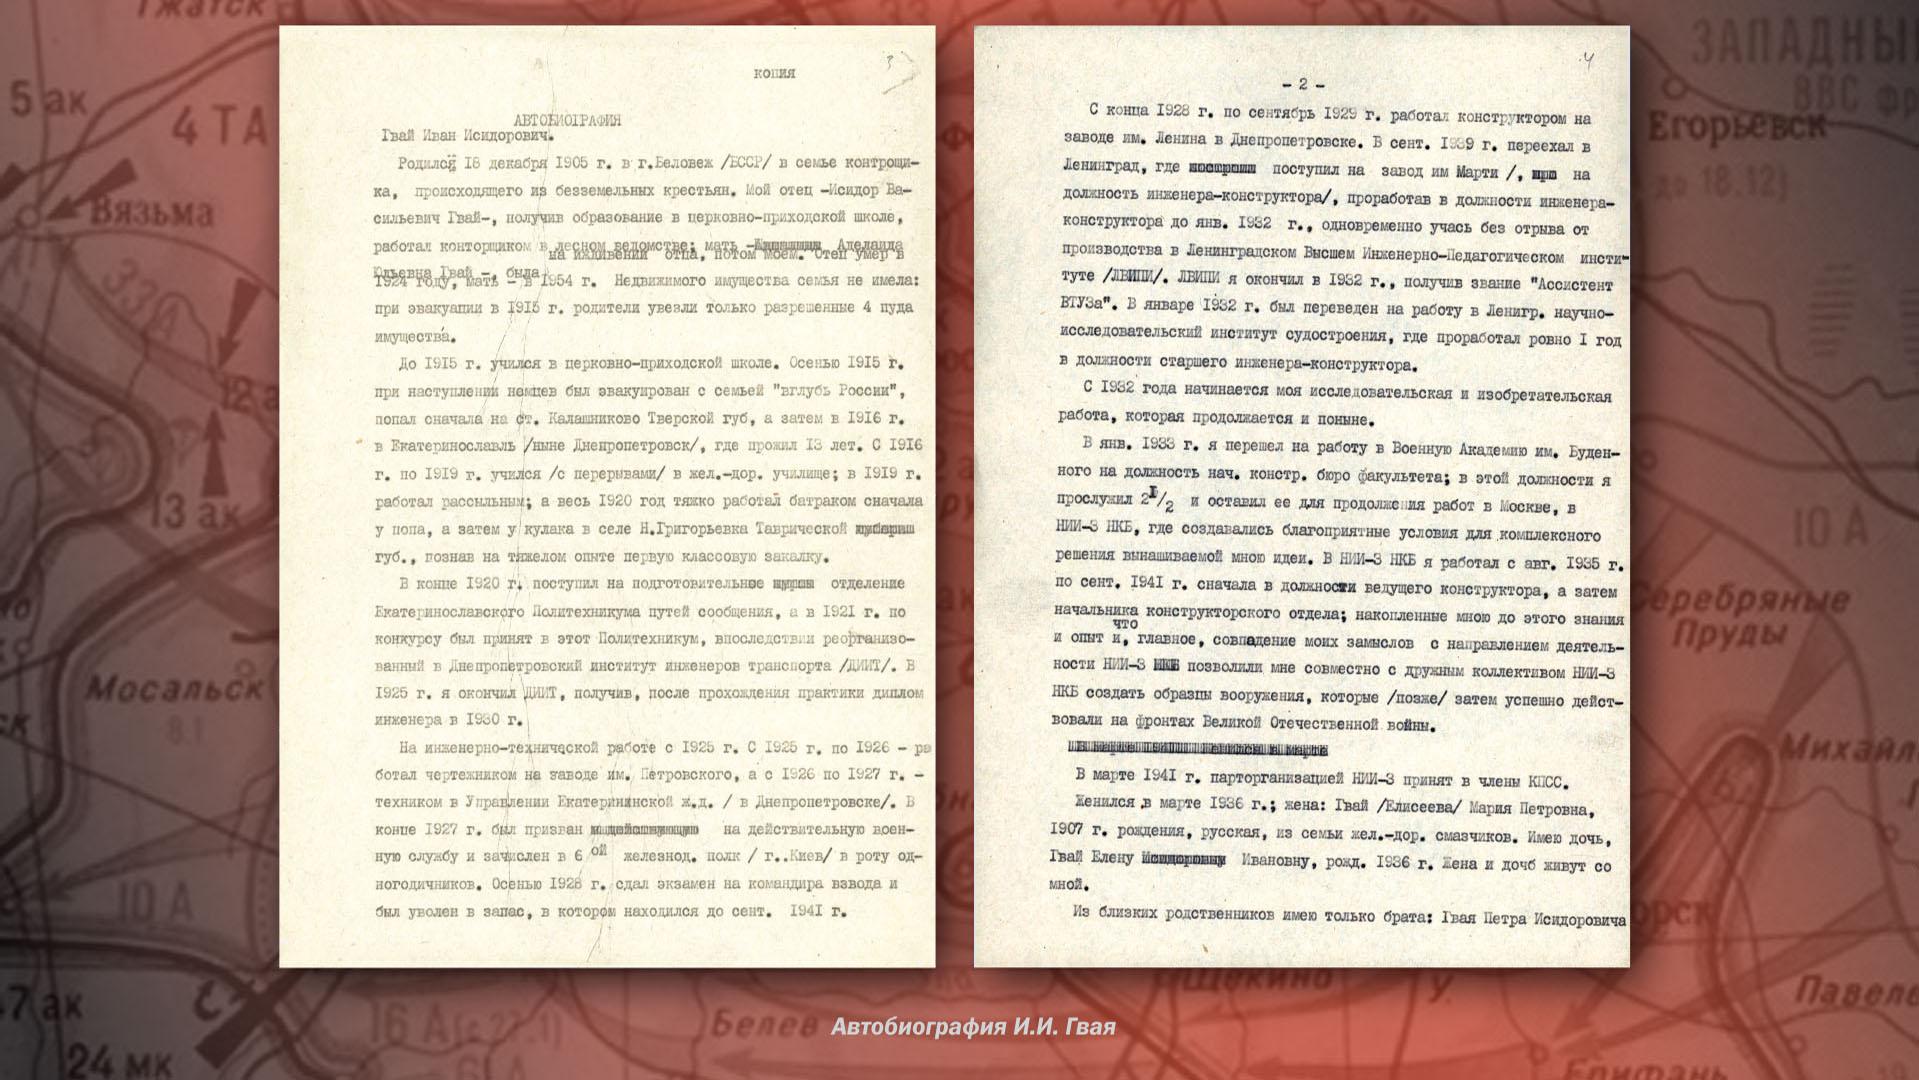 Автобиография И.И. Гвая